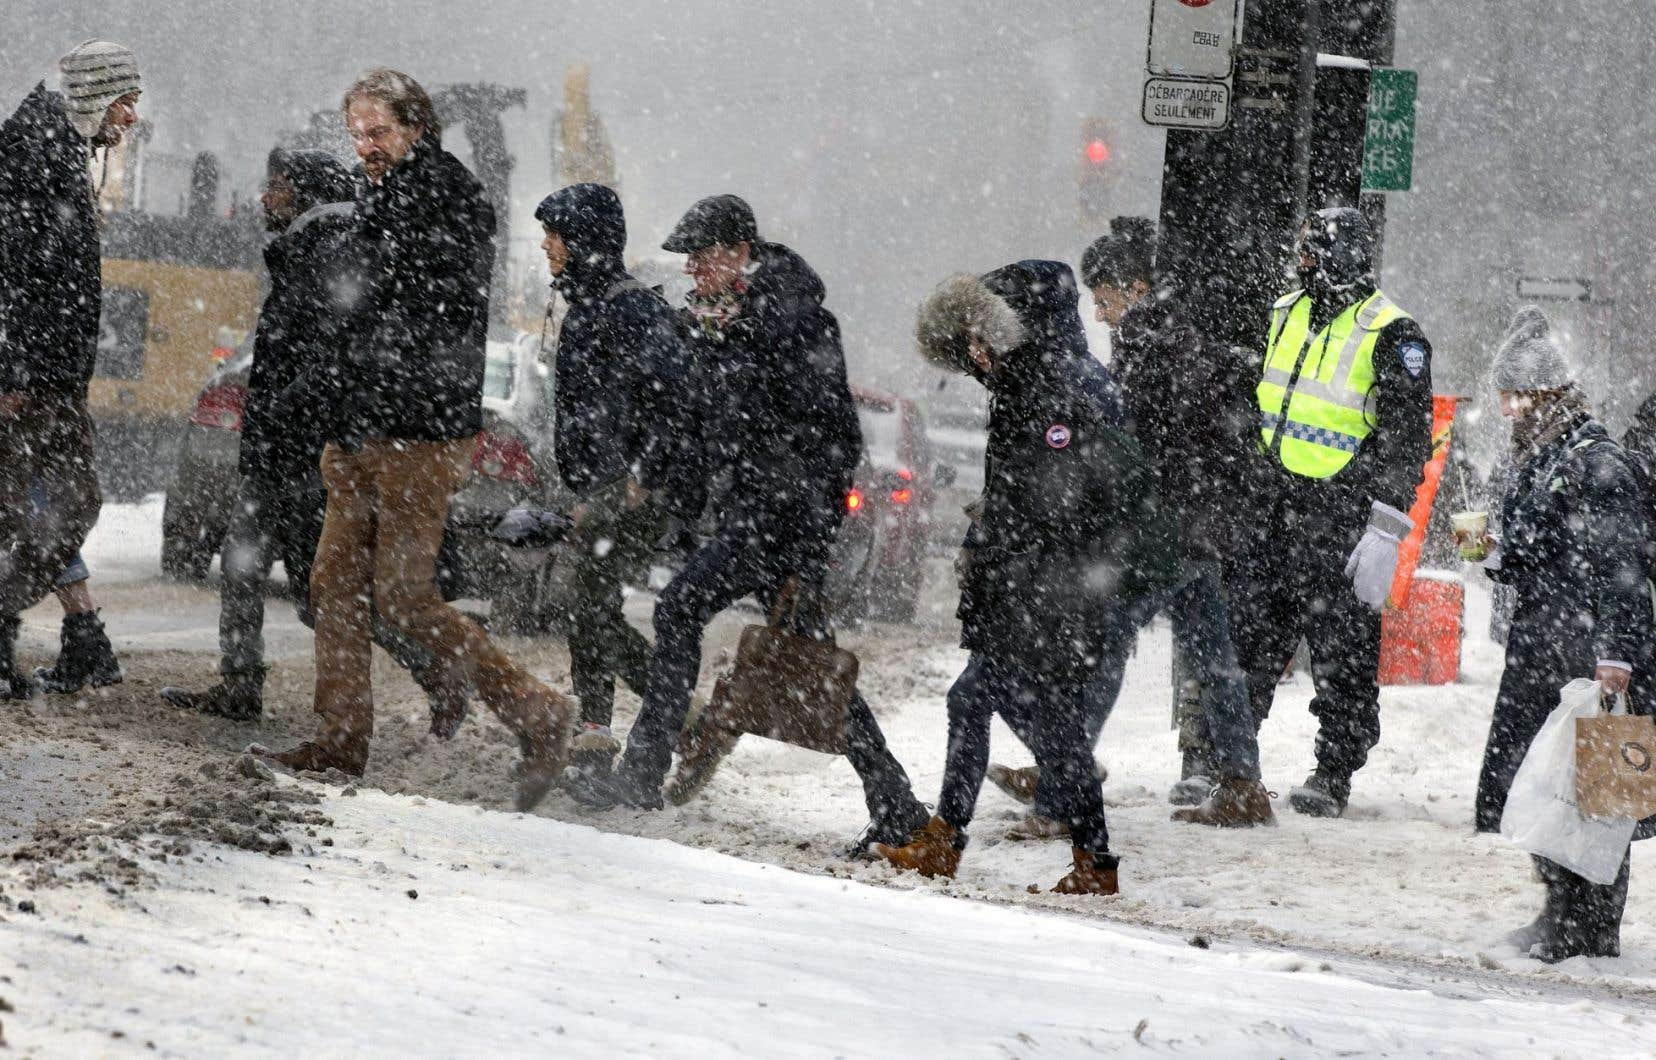 Circuler à pied l'hiver demeure difficile pour plusieurs, et particulièrement pour les personnes âgées et à mobilité réduite.